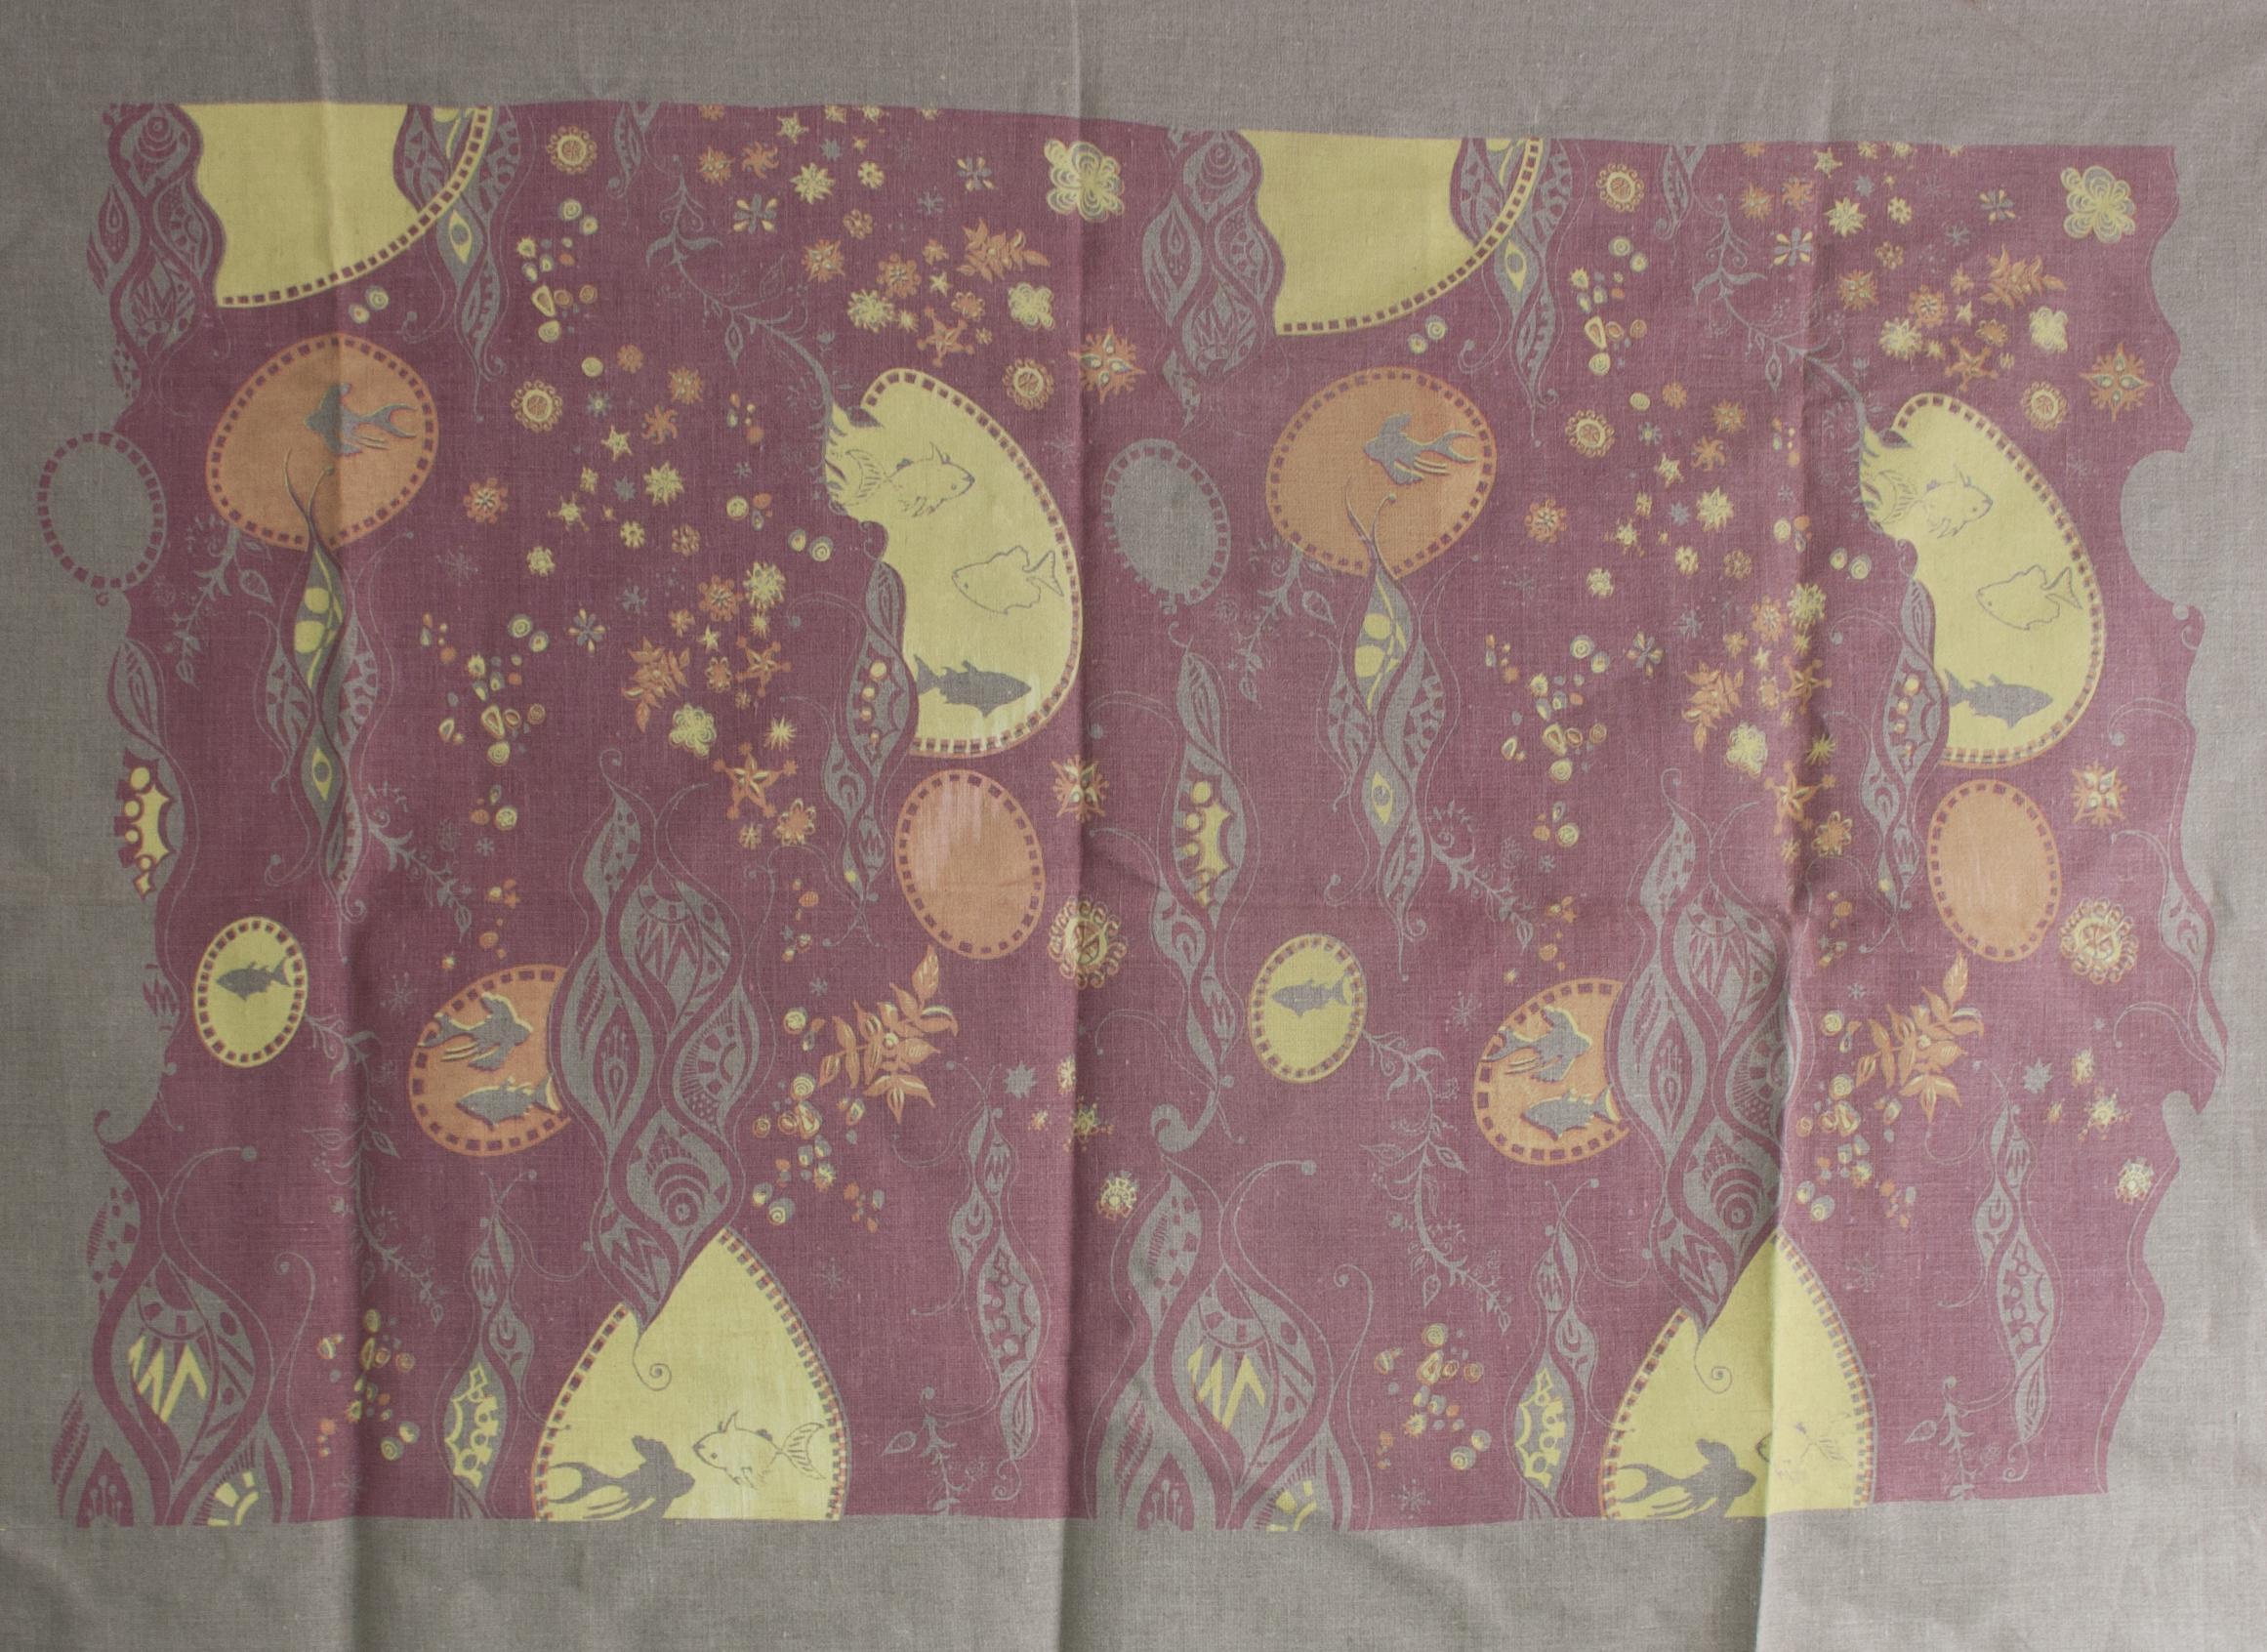 Silkscreen print on Linen  33 x 48 in  2009